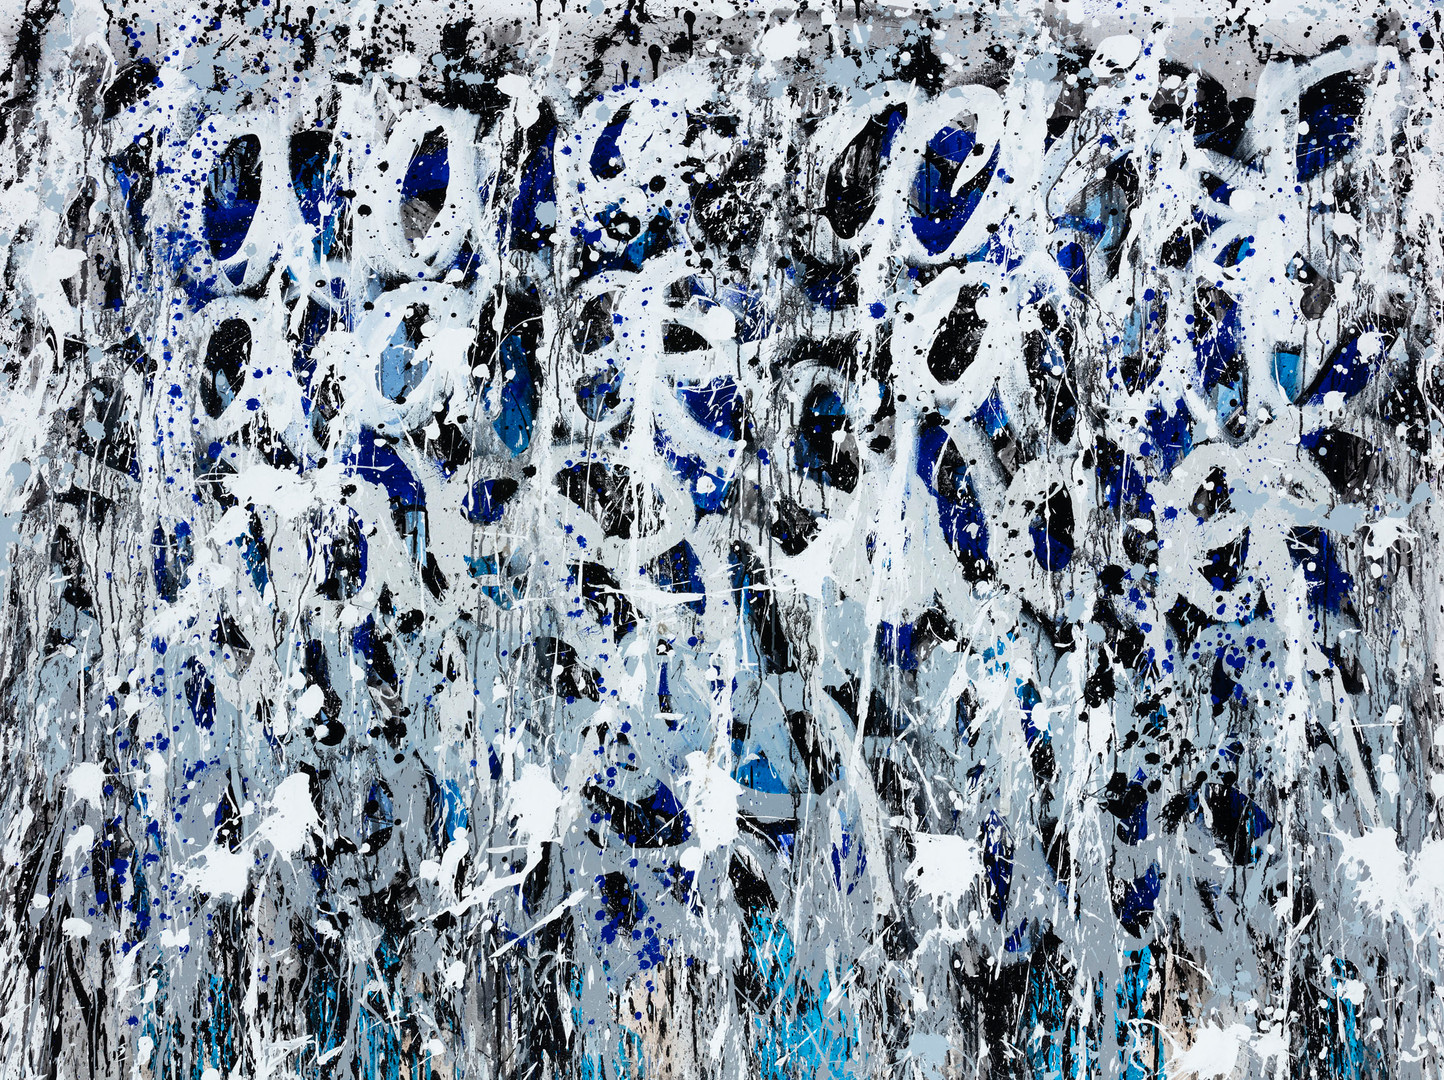 2021-Bleu Clouds, acrylique et encre sur